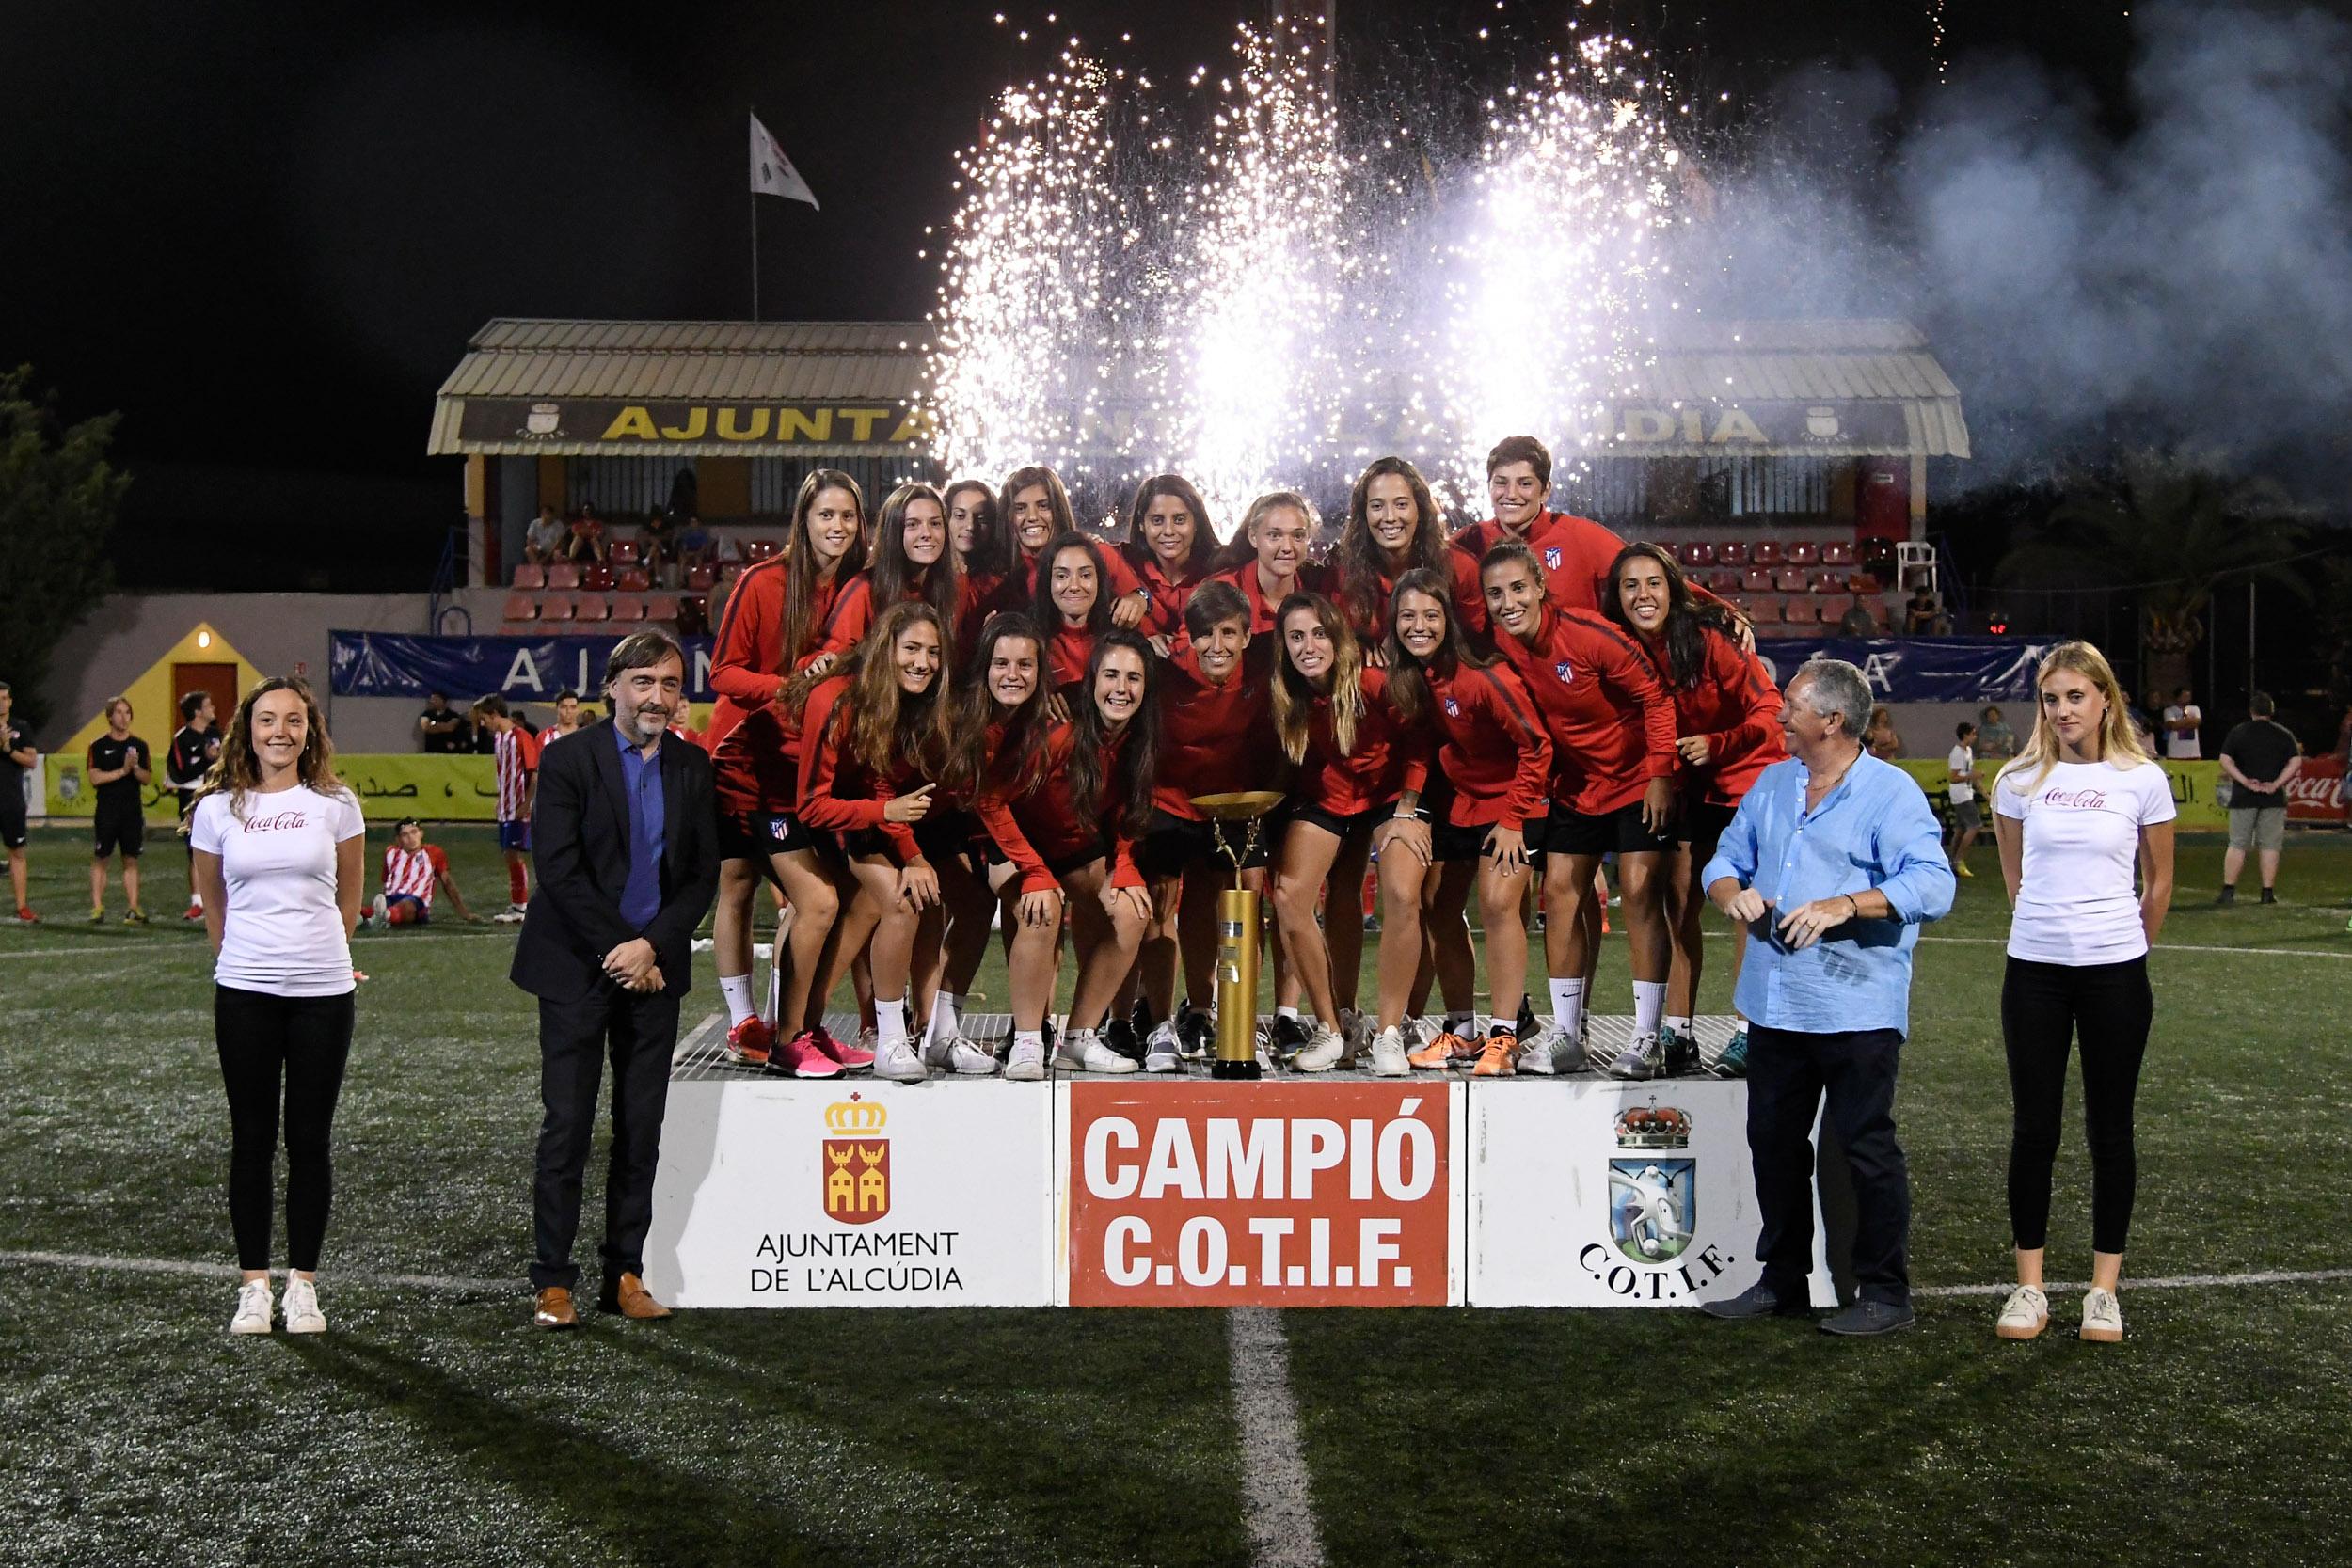 Primer equip classificat Atlético de Madrid.